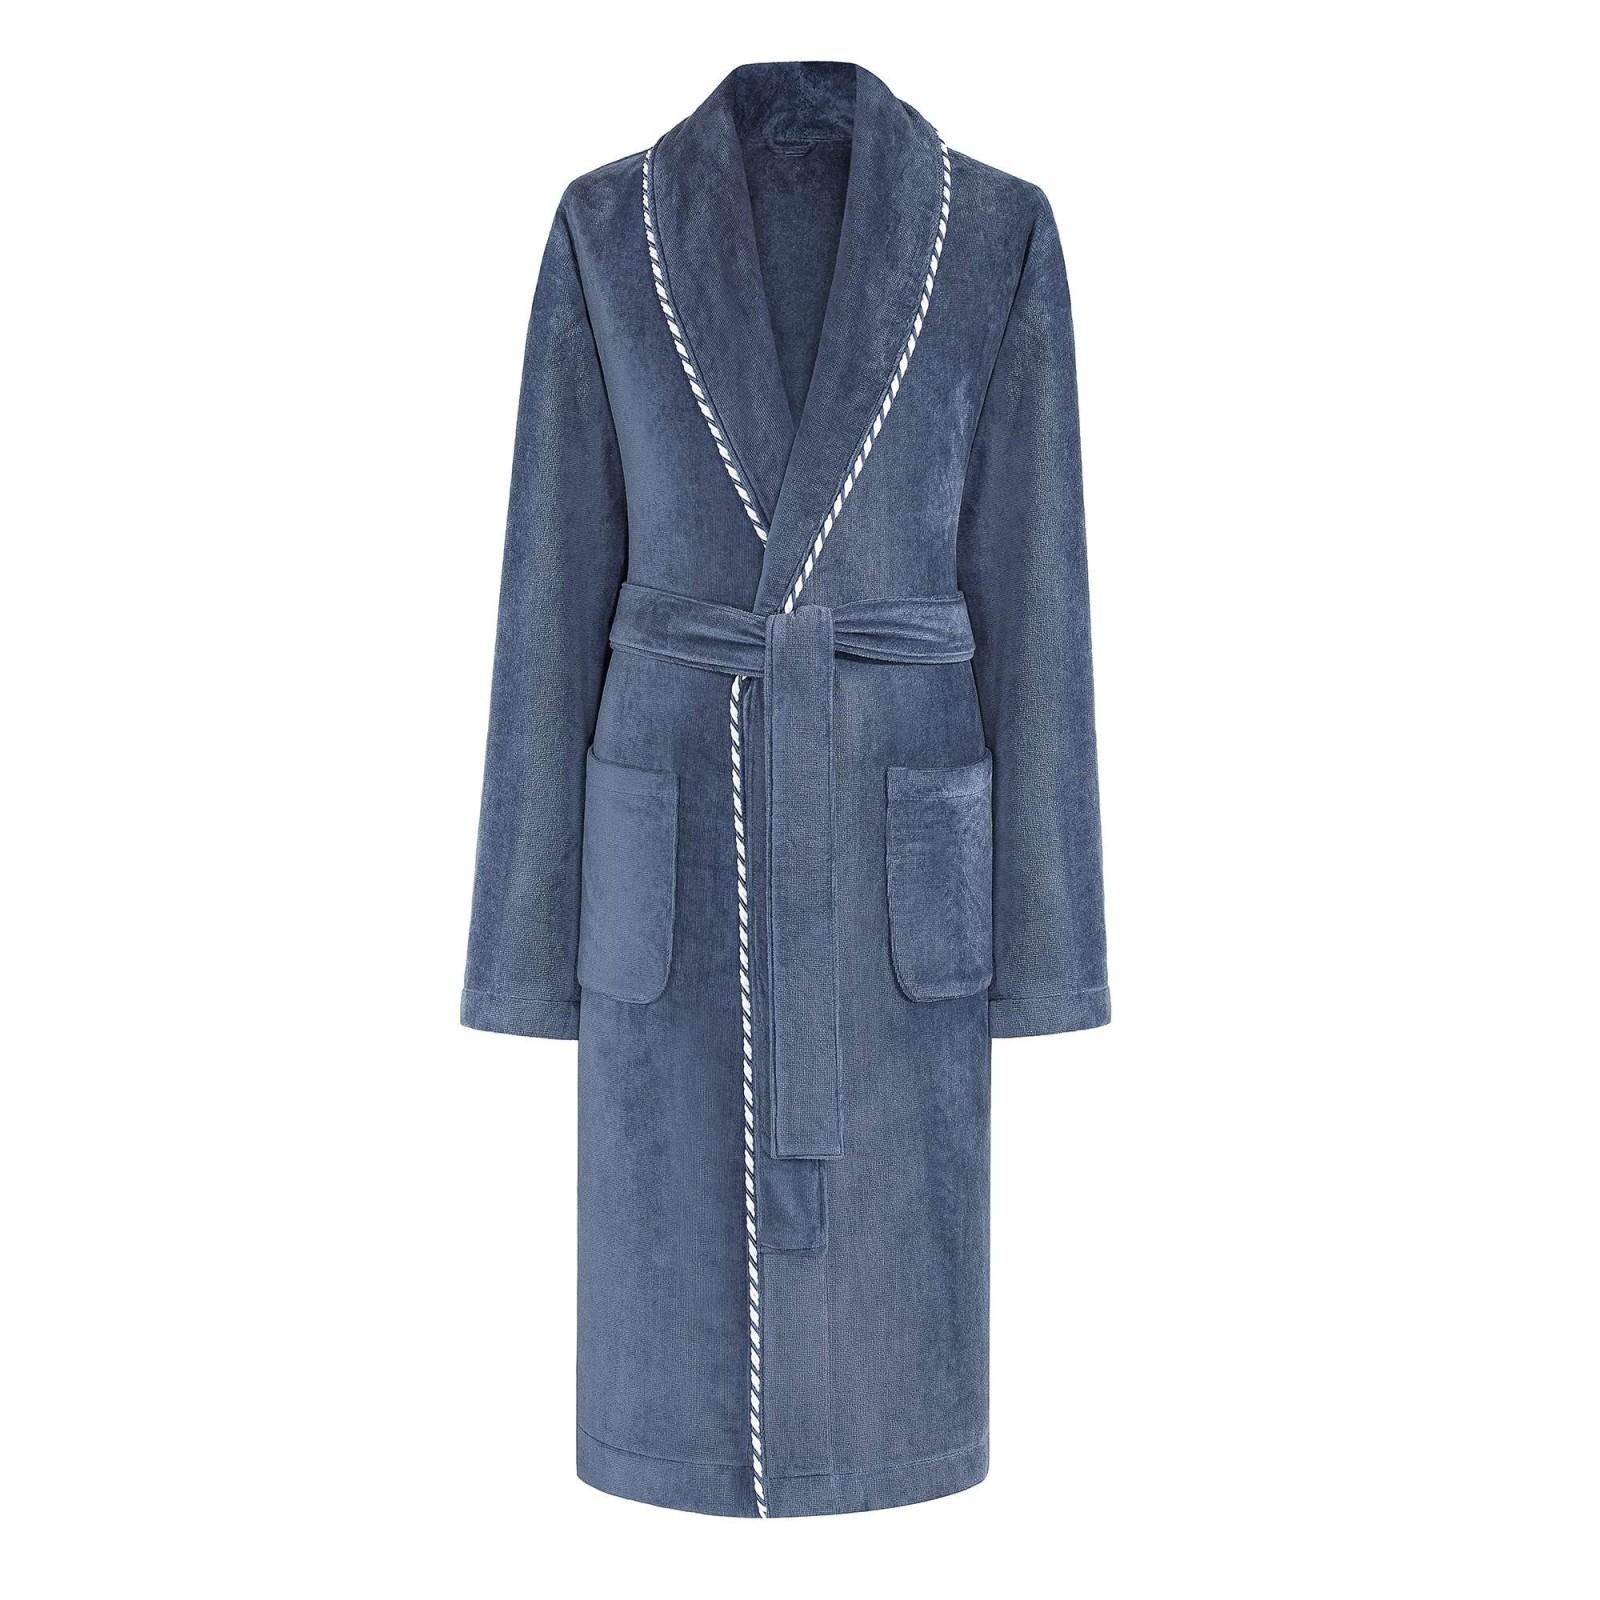 Сауны, бани и оборудование Togas Халат Роберт Цвет: Синий (xxL) togas халат мужской конолли